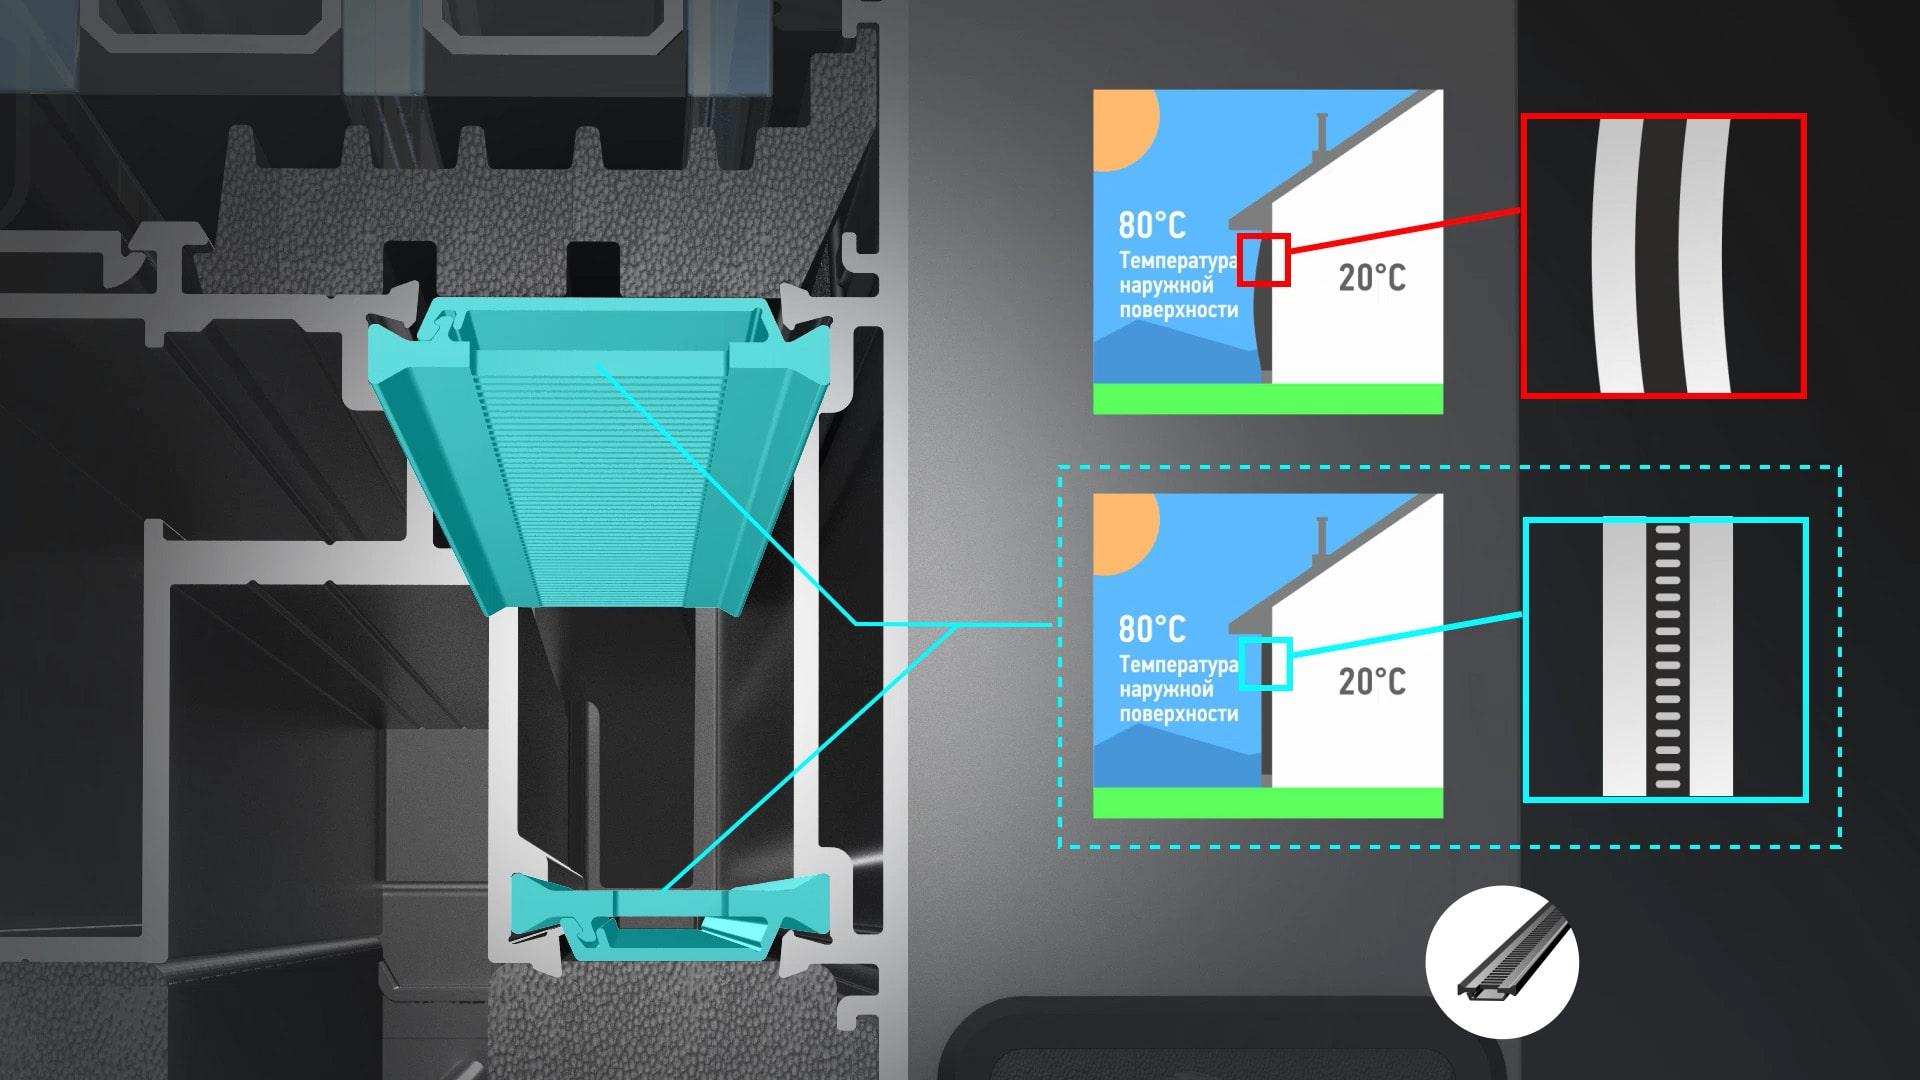 Преимущества использования термомостов Anti Bi-Metal